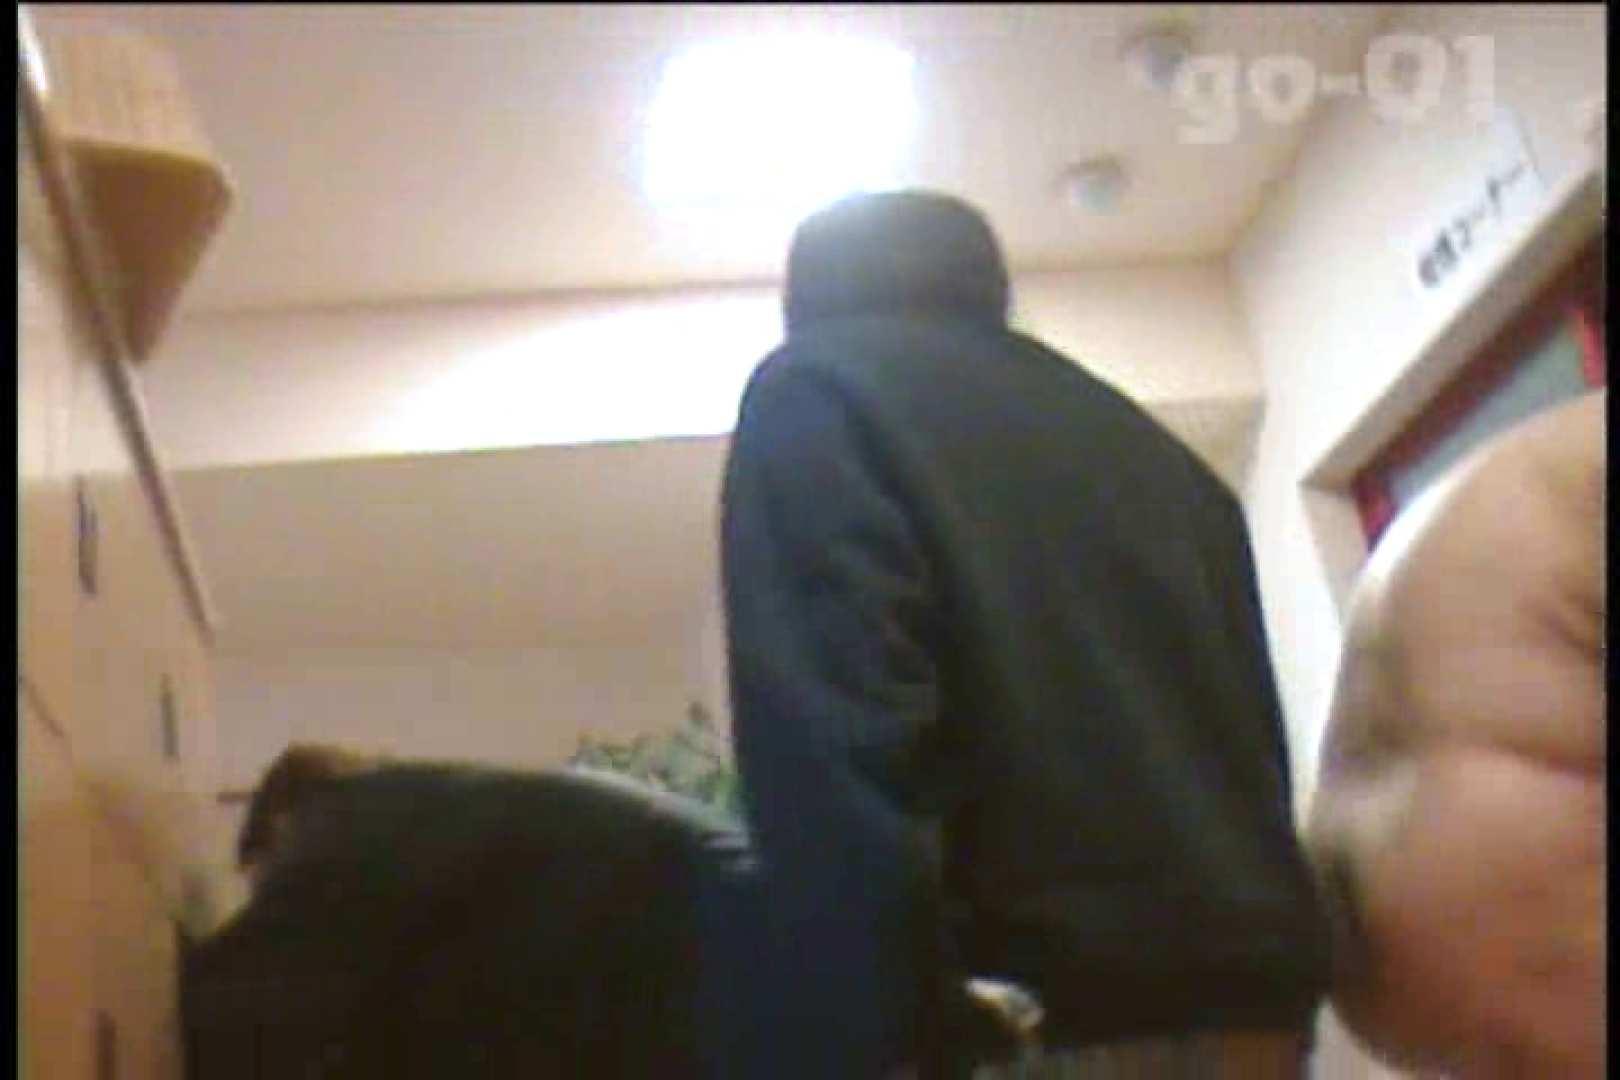 電波カメラ設置浴場からの防HAN映像 Vol.01 お姉さんのSEX すけべAV動画紹介 105枚 60